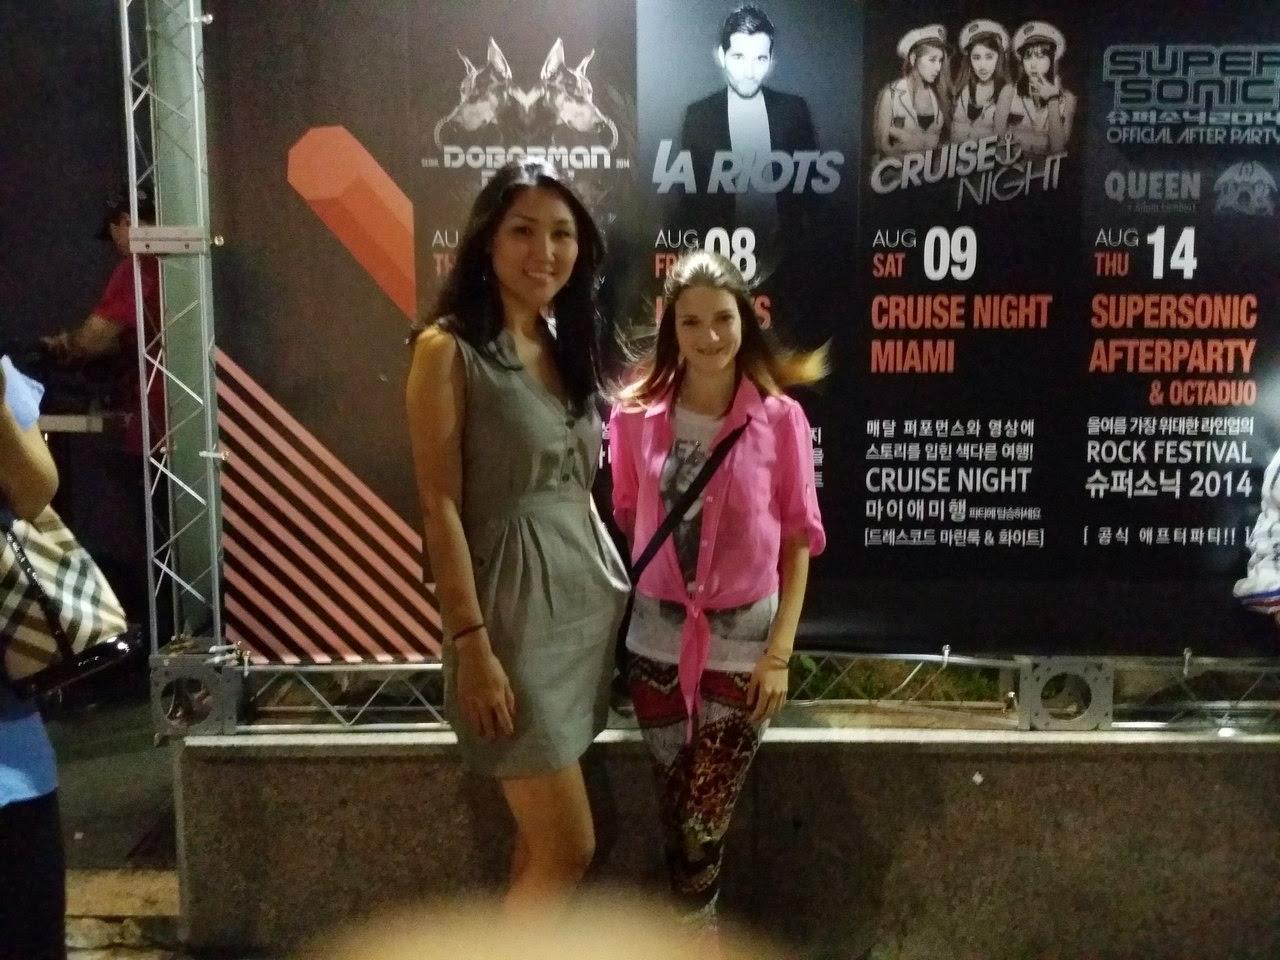 С русскими девчёнками в туалете клуба смотреть онлайн 6 фотография